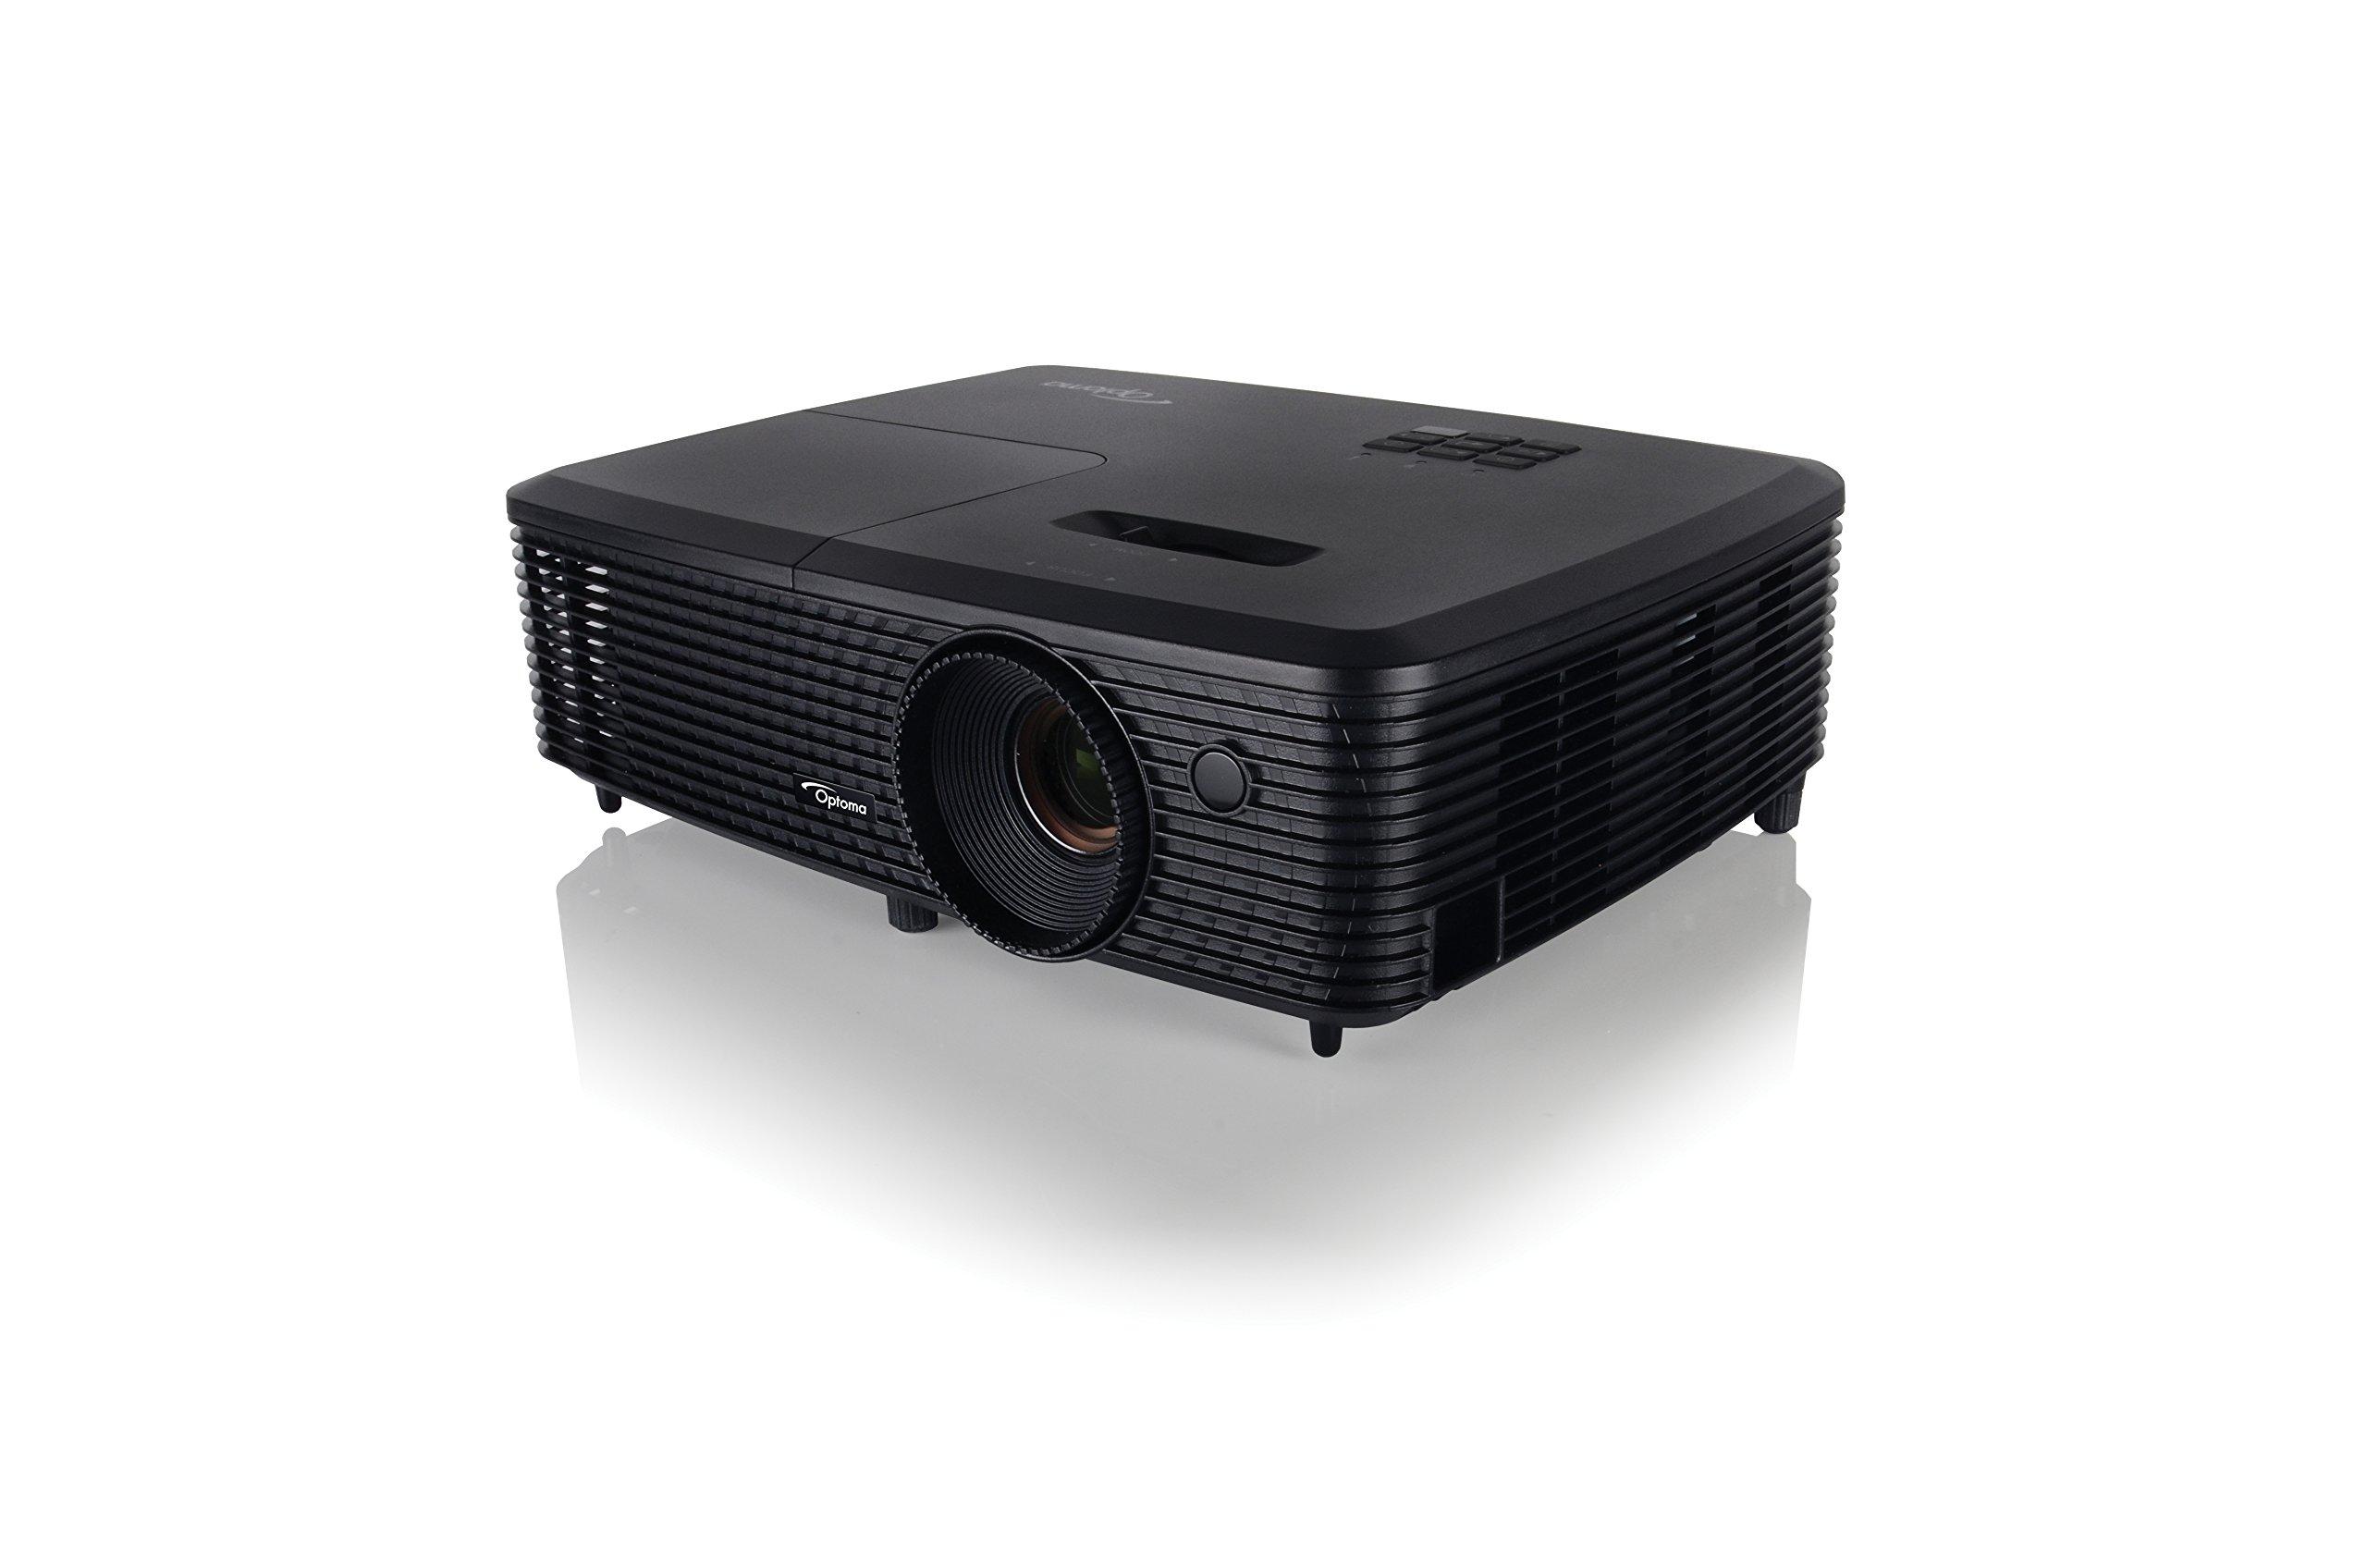 71nbx3cu5LL - Optoma DS348 SVGA DLP HDMI 3000 Lumens Full 3D Projector - Black